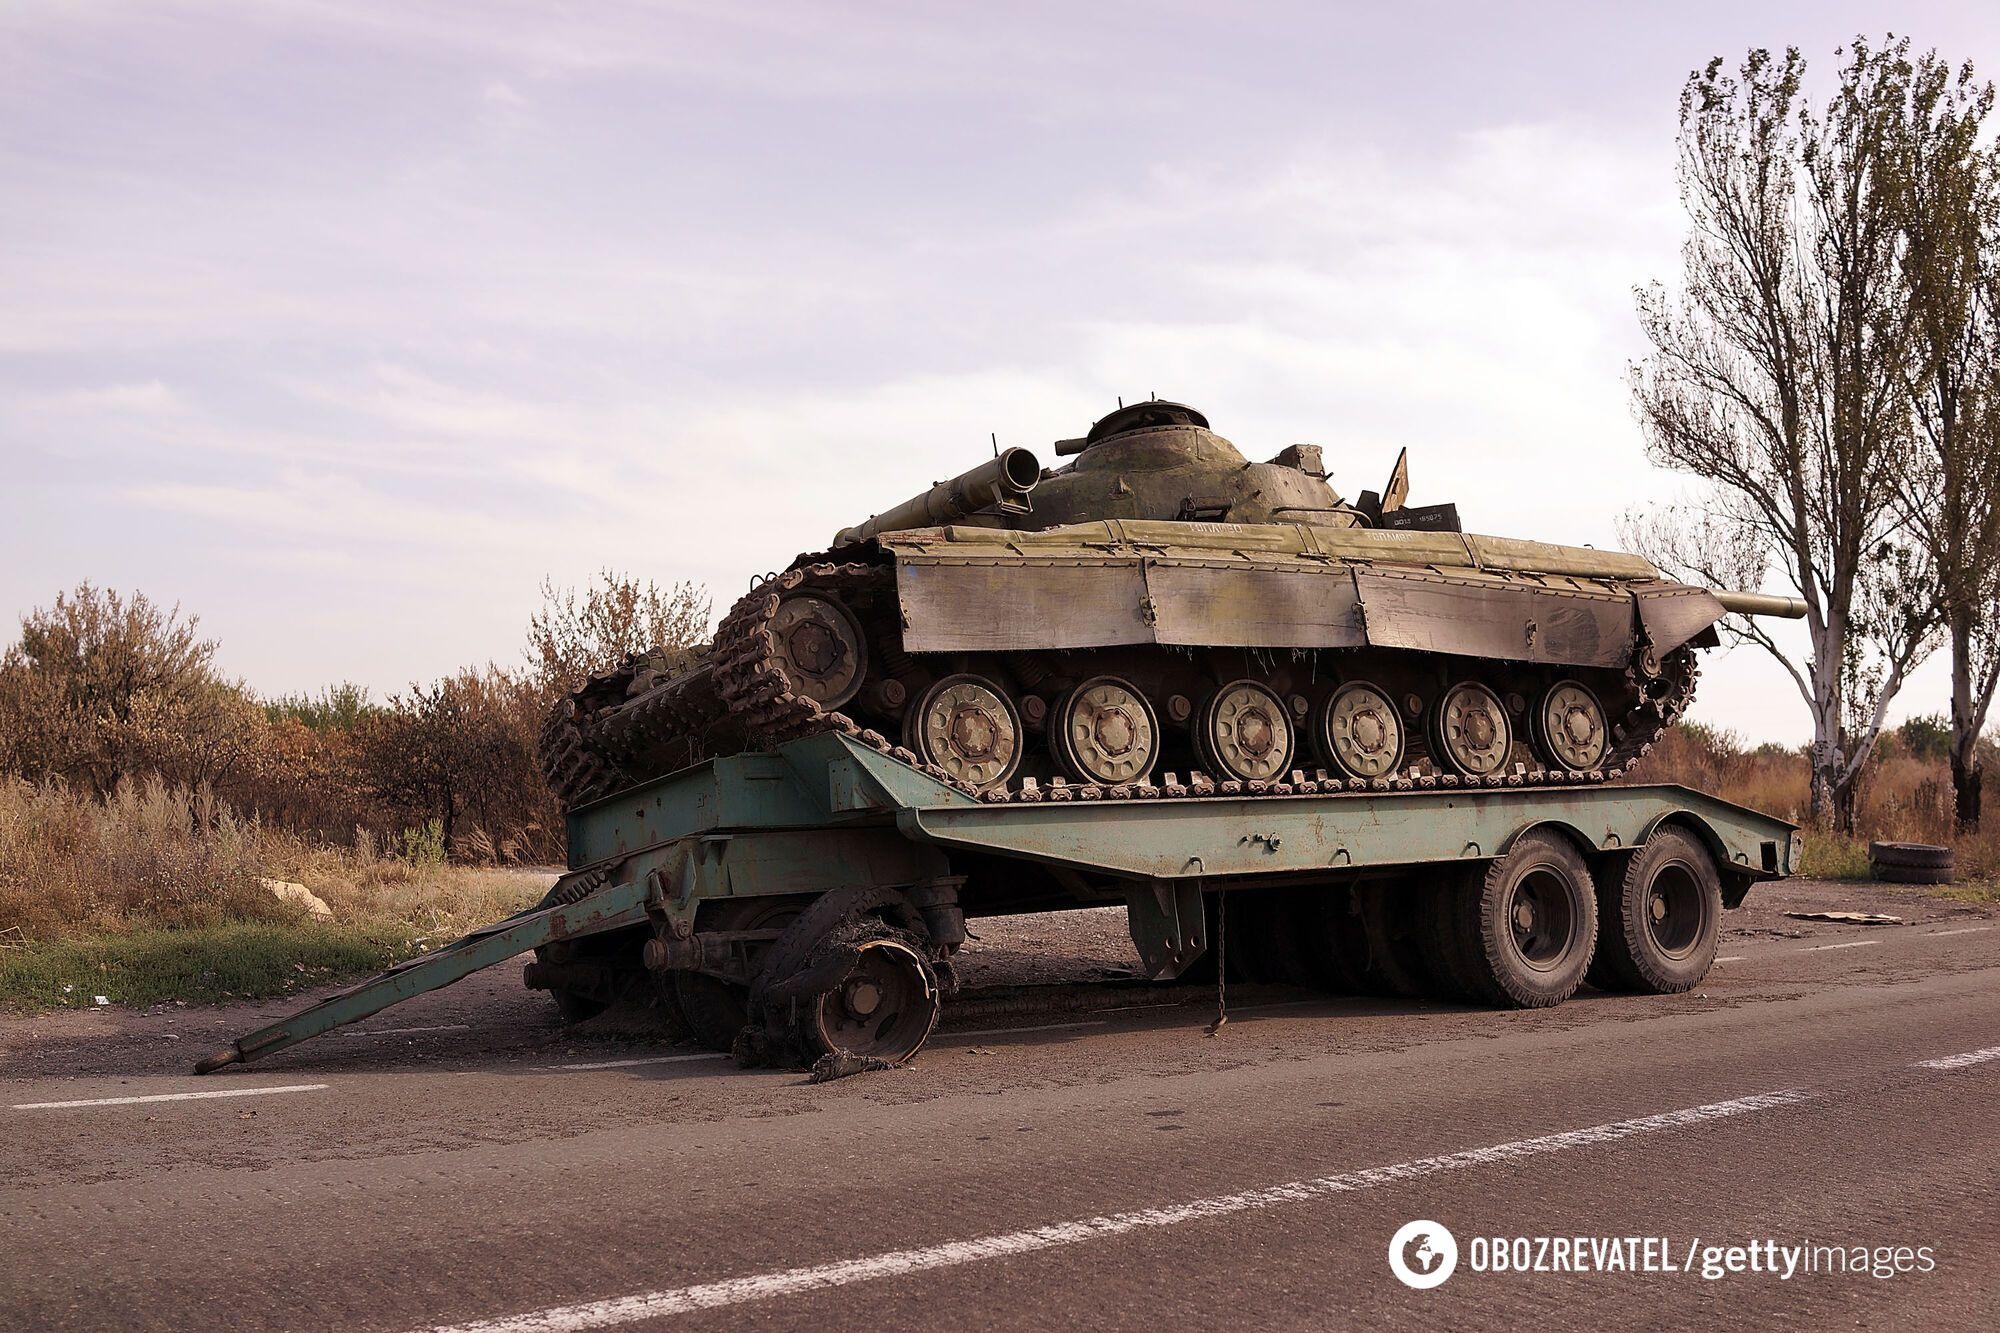 За офіційними даними, українська сторона під час боїв за Іловайськ втратила 125 одиниць техніки. Загинуло 366 бійців, поранено 429 людей, у полон потрапило 300 військовослужбовців